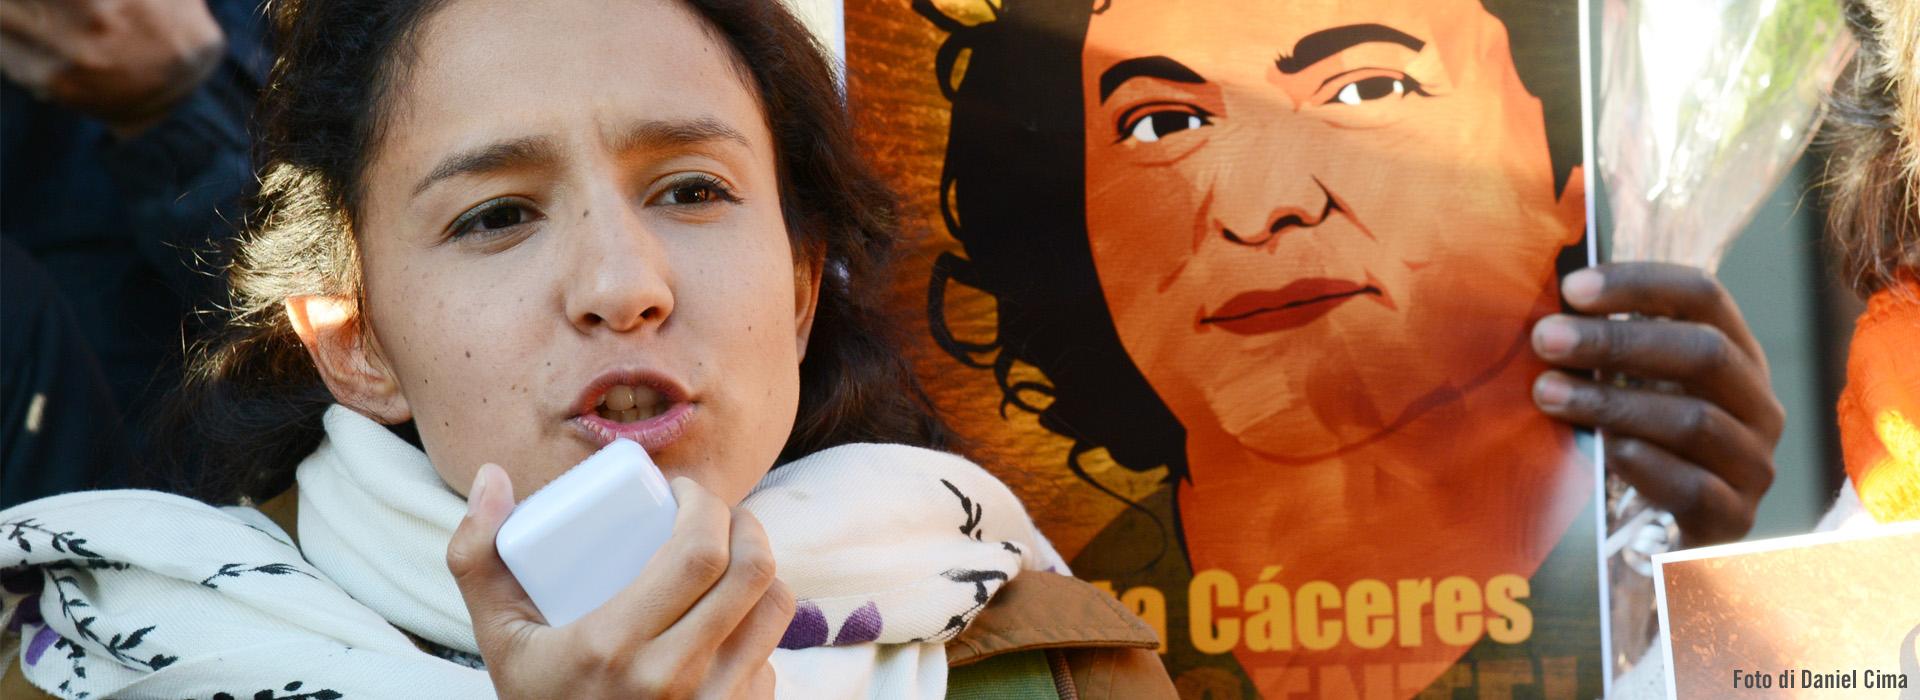 Tre anni fa l'omicidio di Berta Caceres